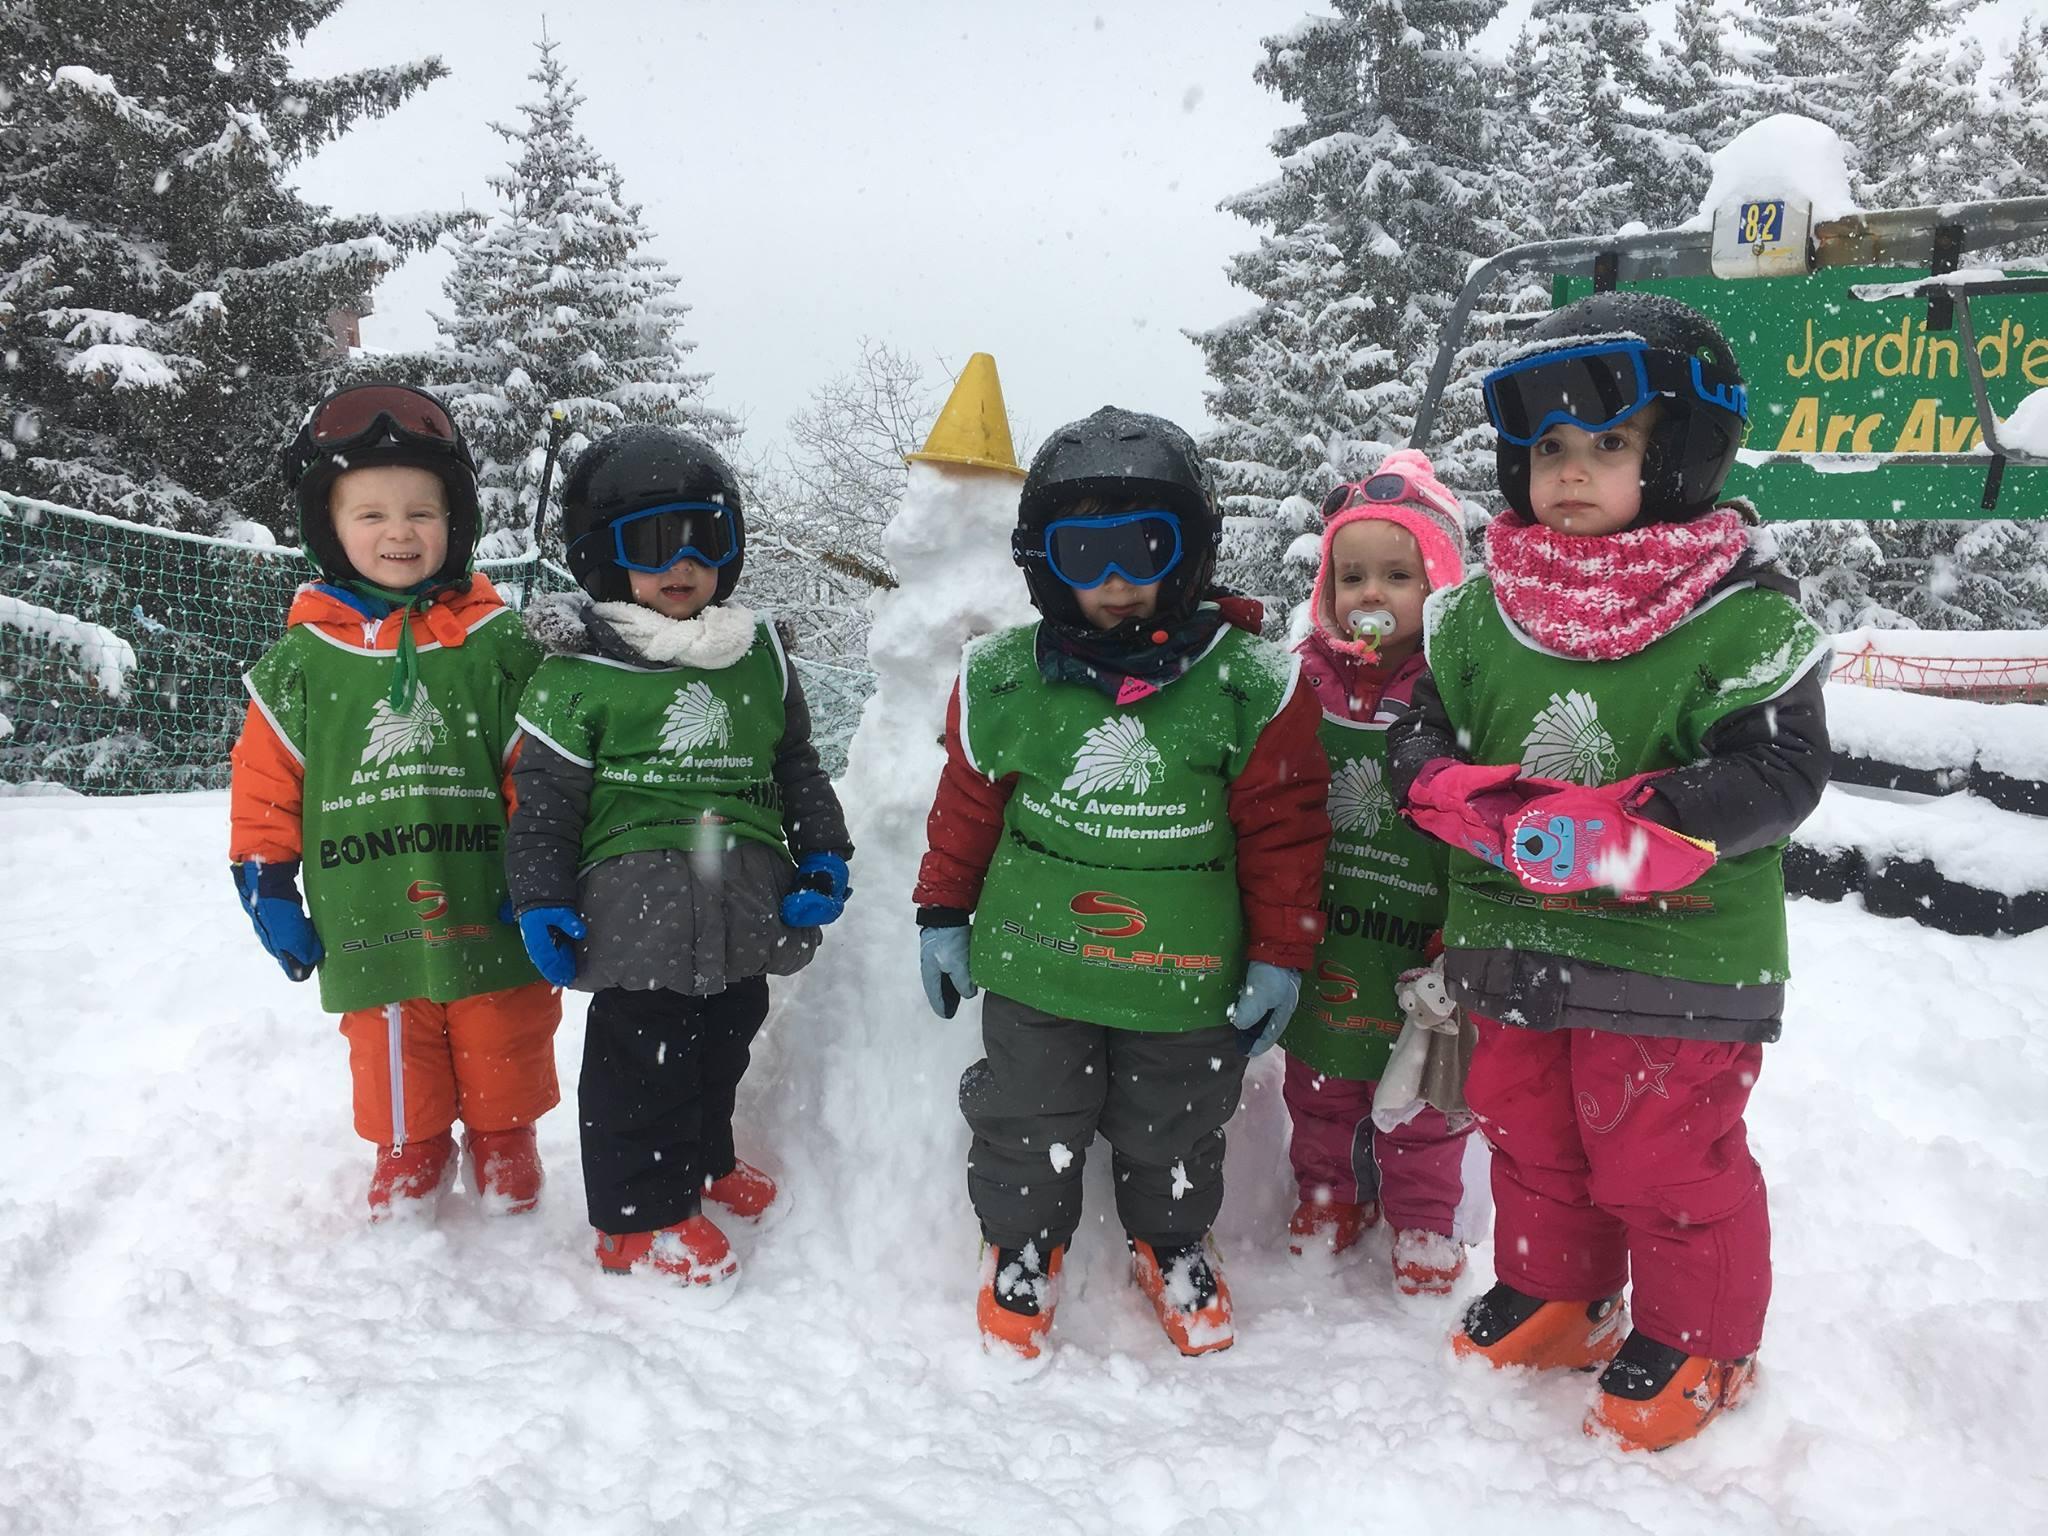 Cours de ski Enfants (3-4 ans) - Matin - Arc 1800